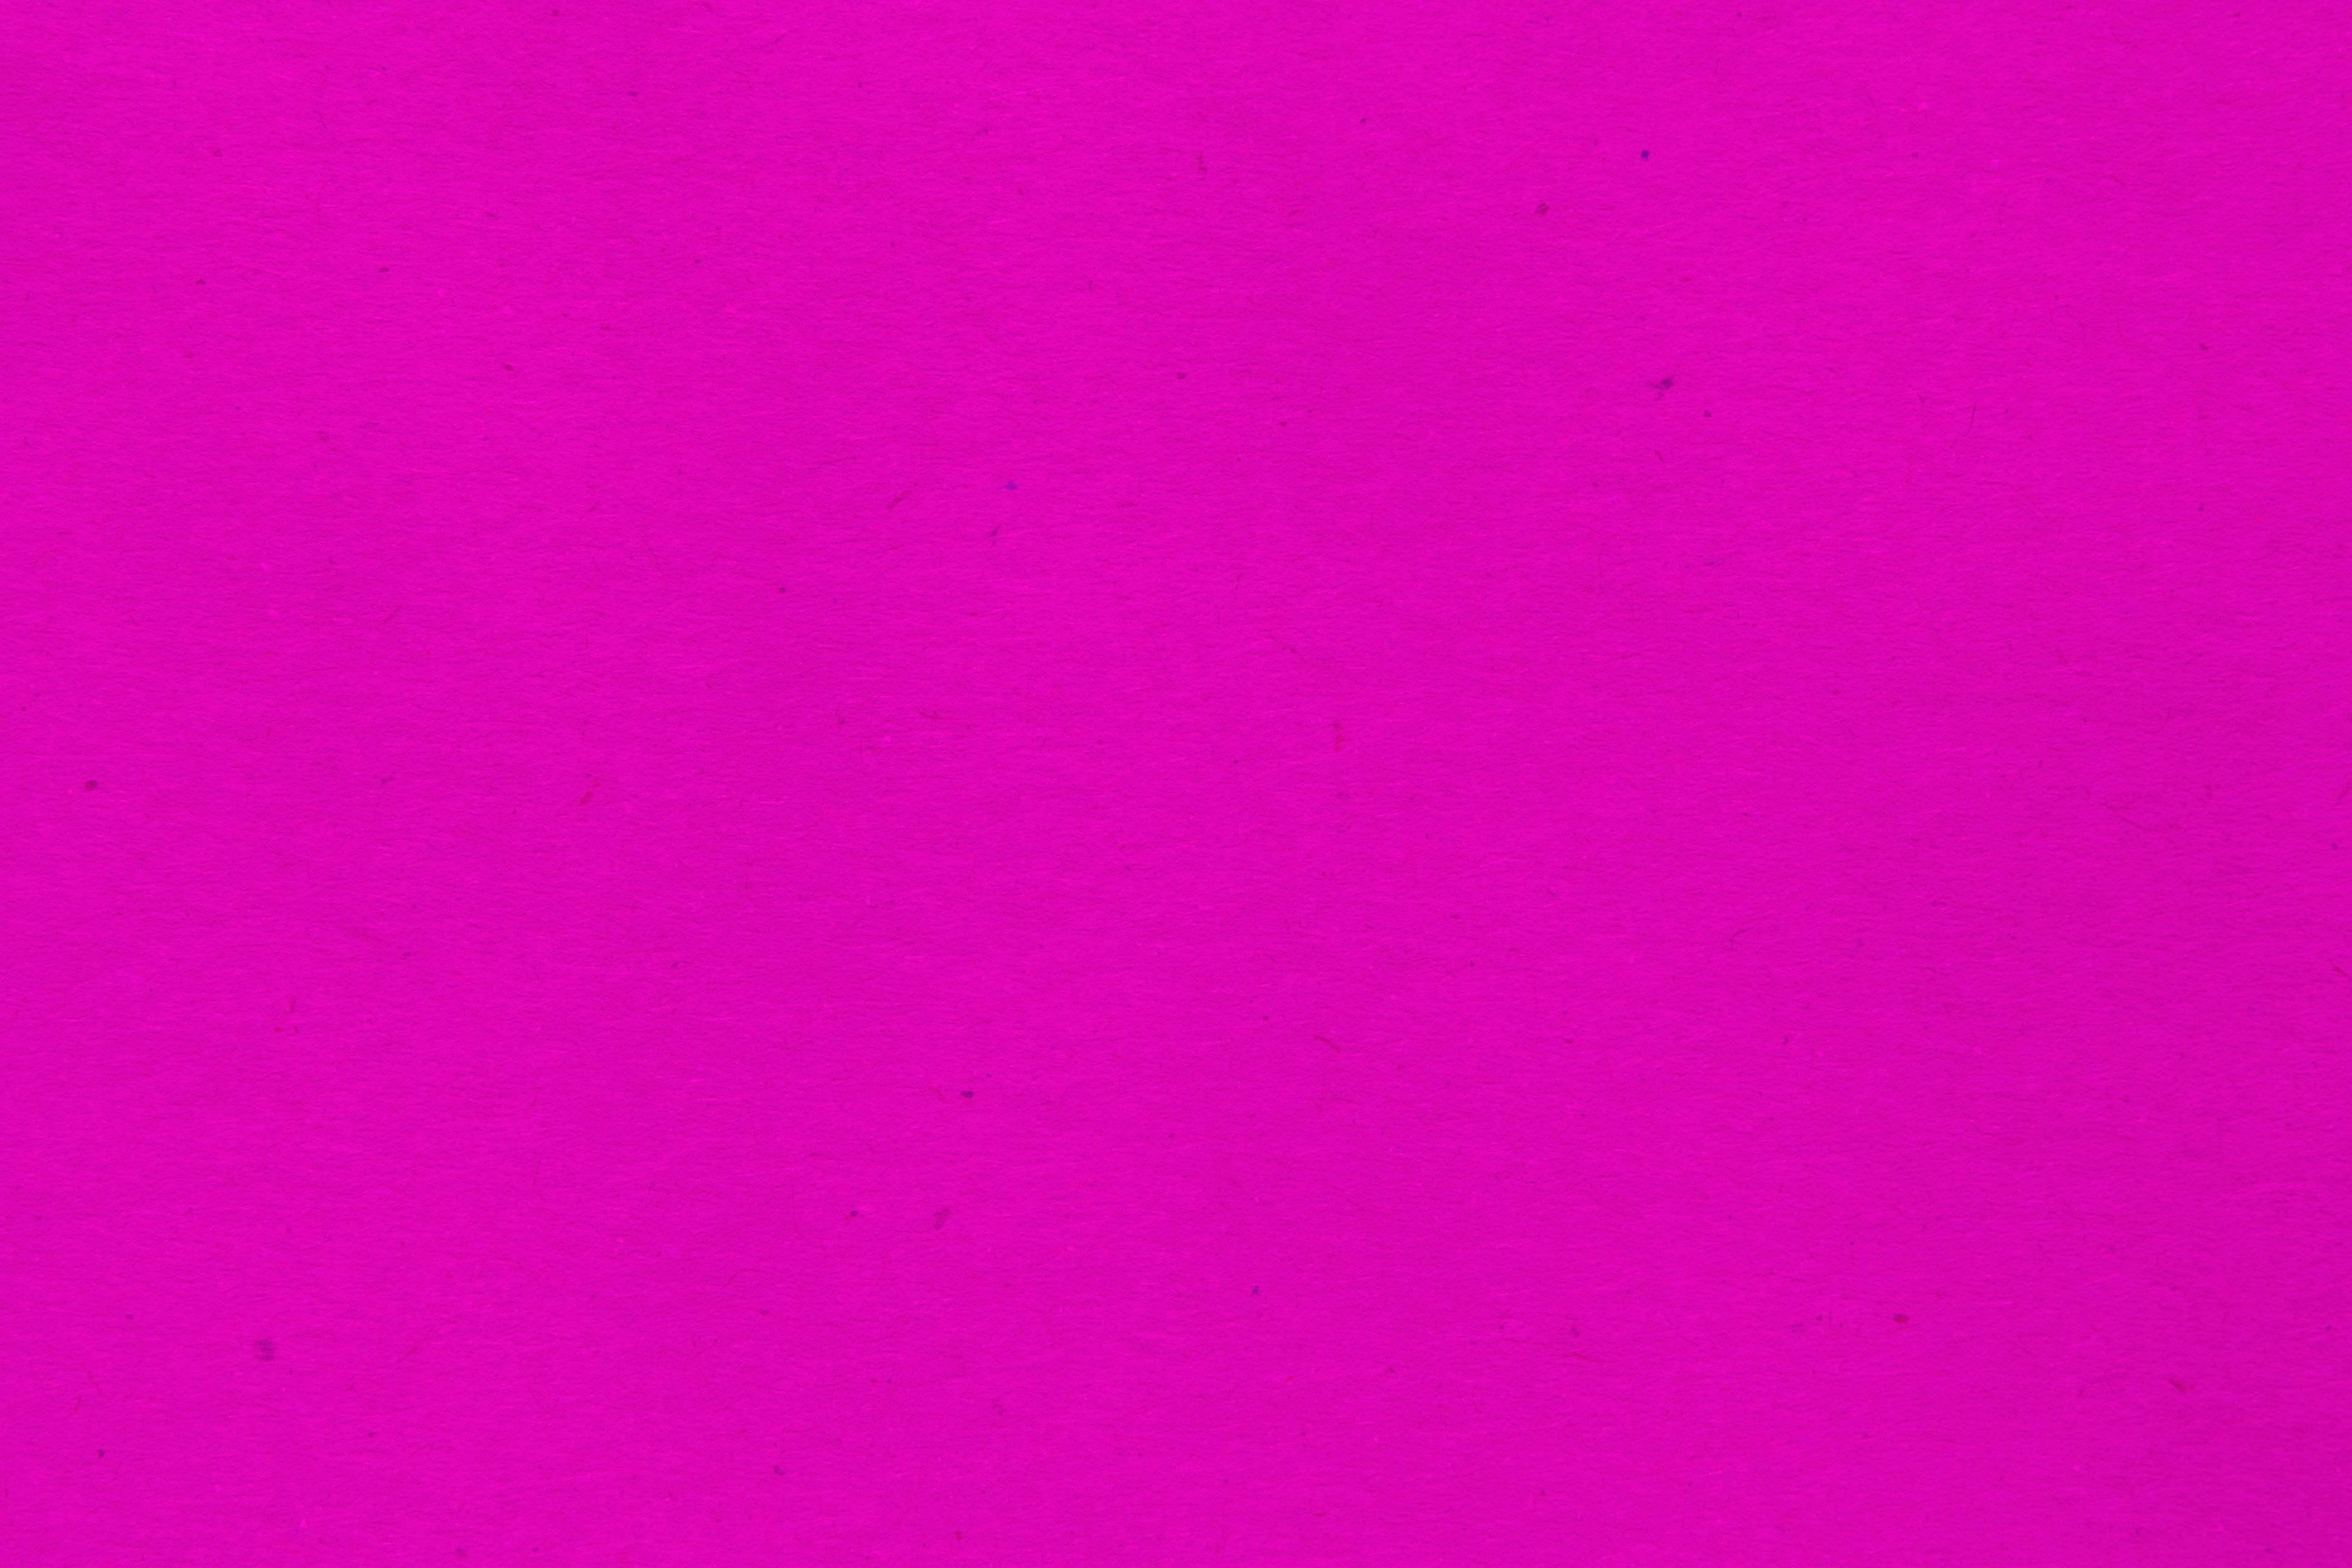 способ яркие цвета картинки однотонные отличатся привлекательными